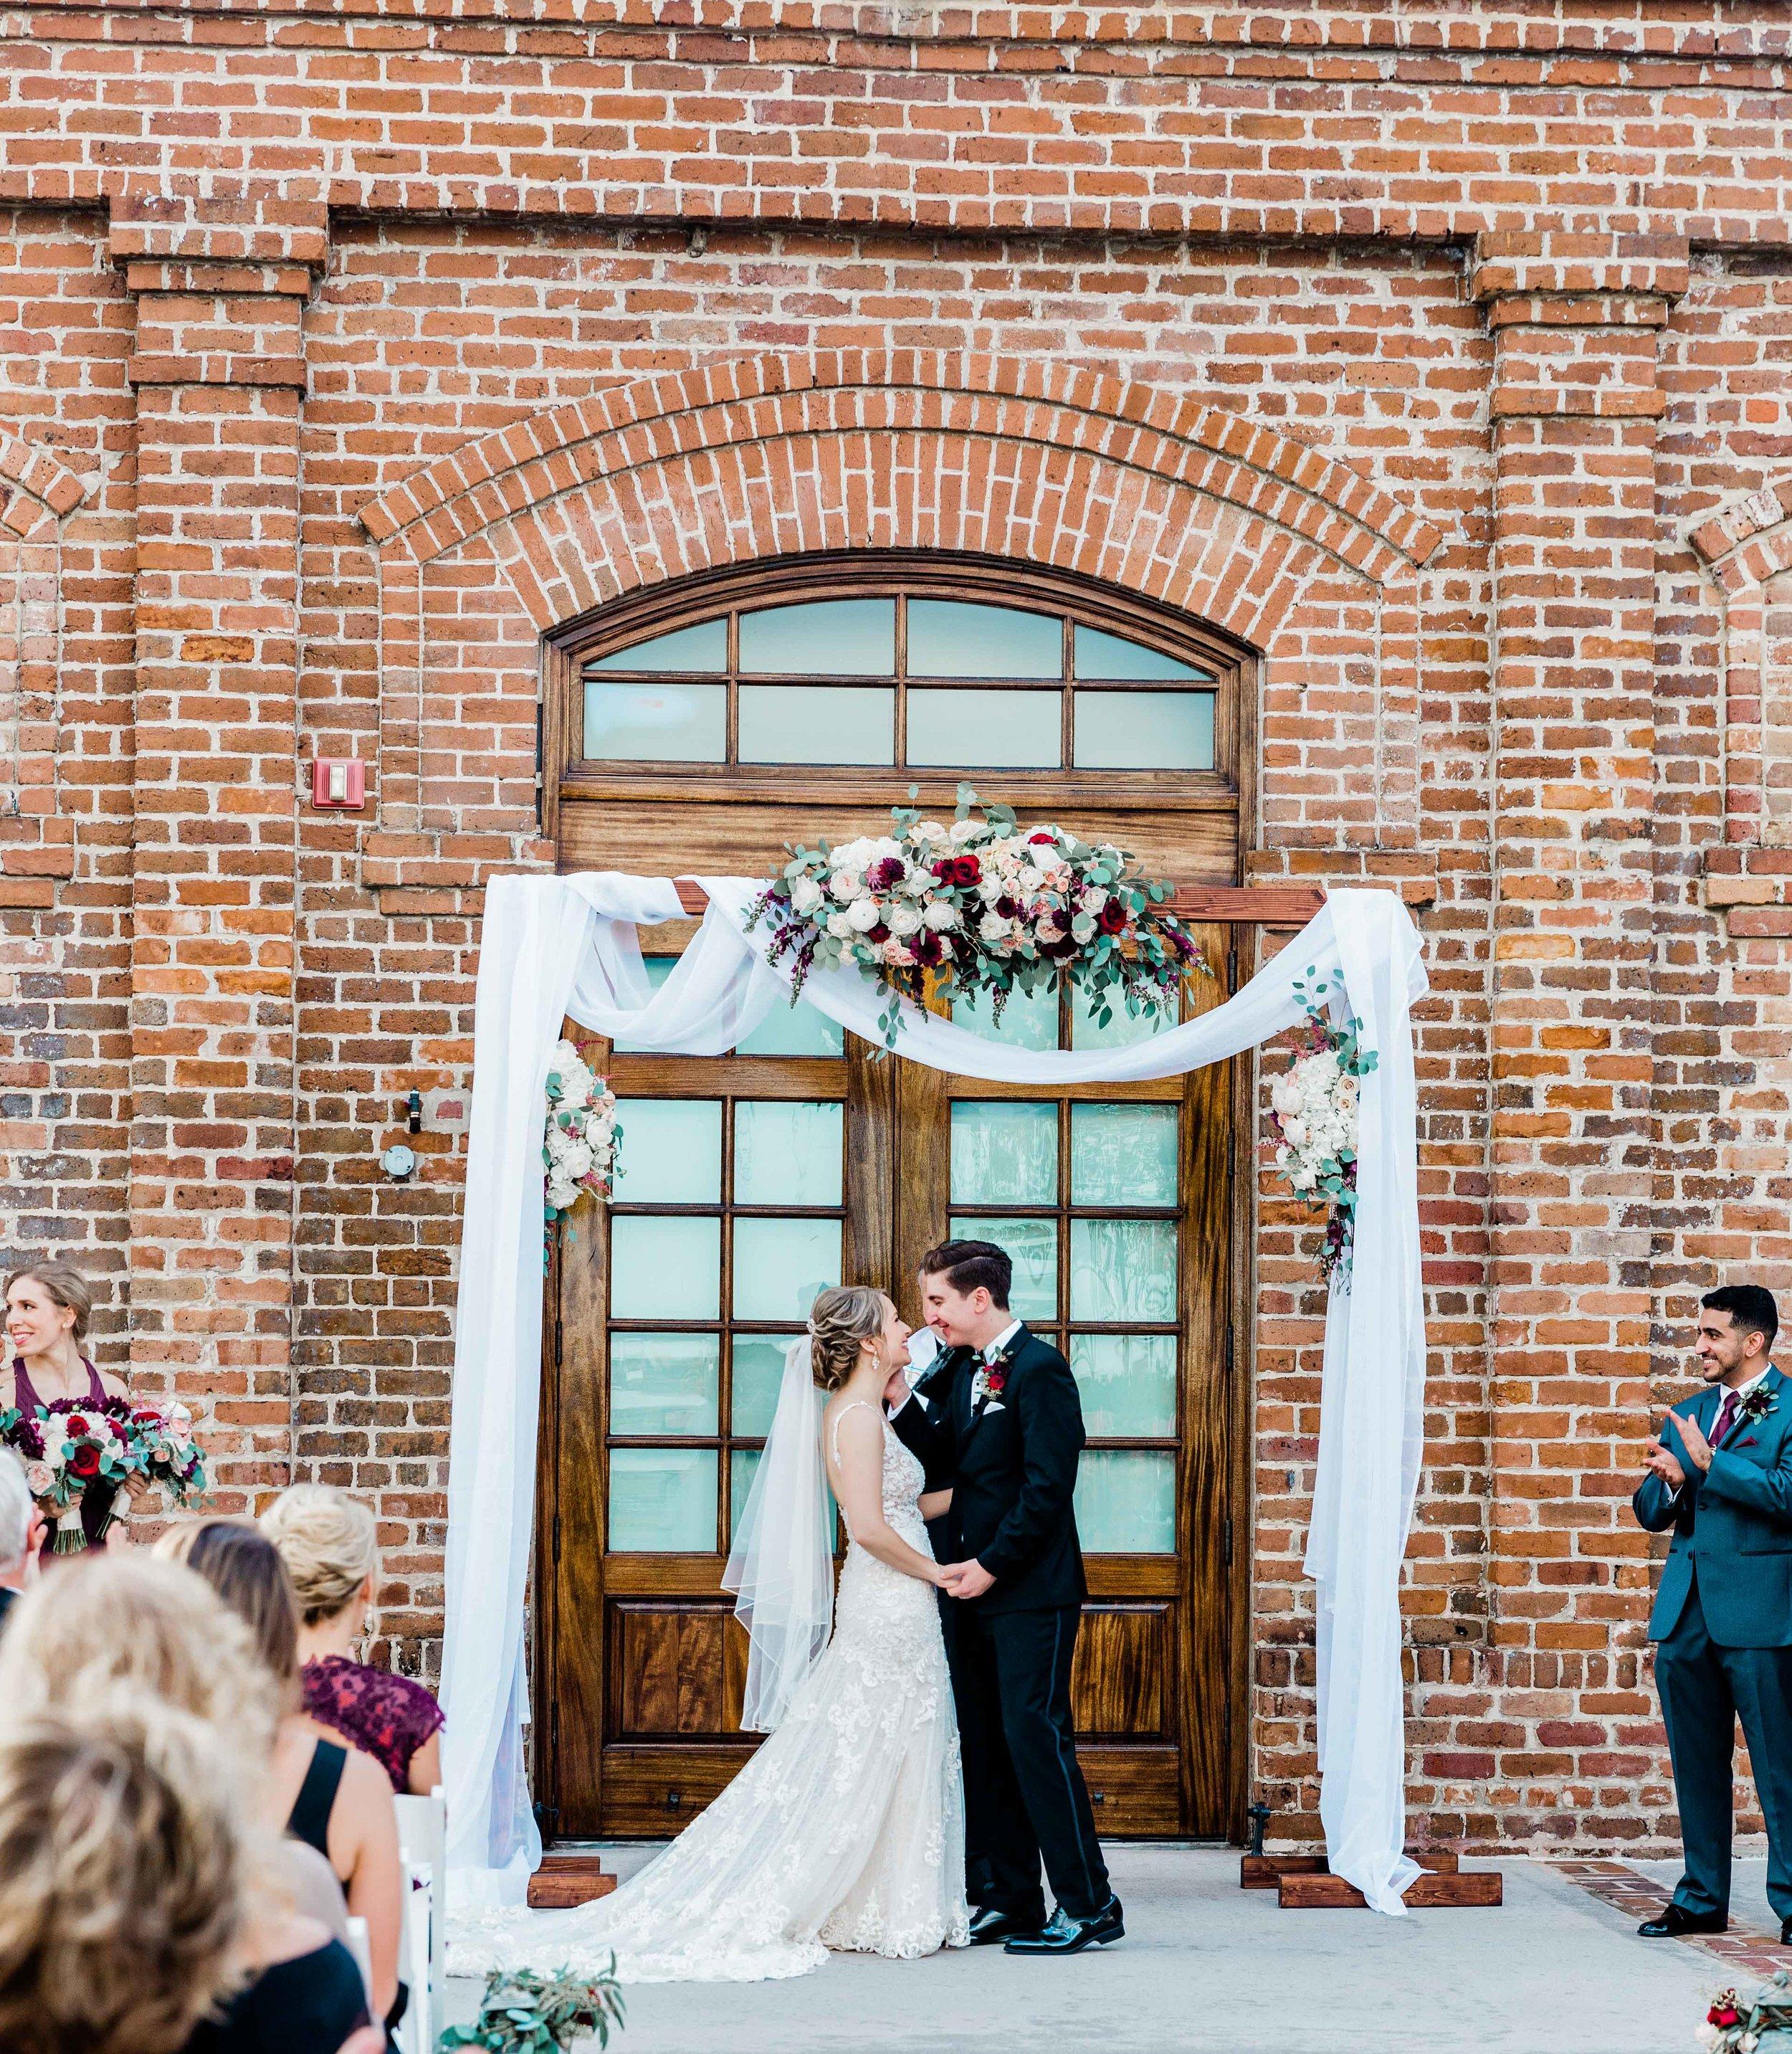 20181109Georgia-Savannah-savannah wedding photography23.jpg